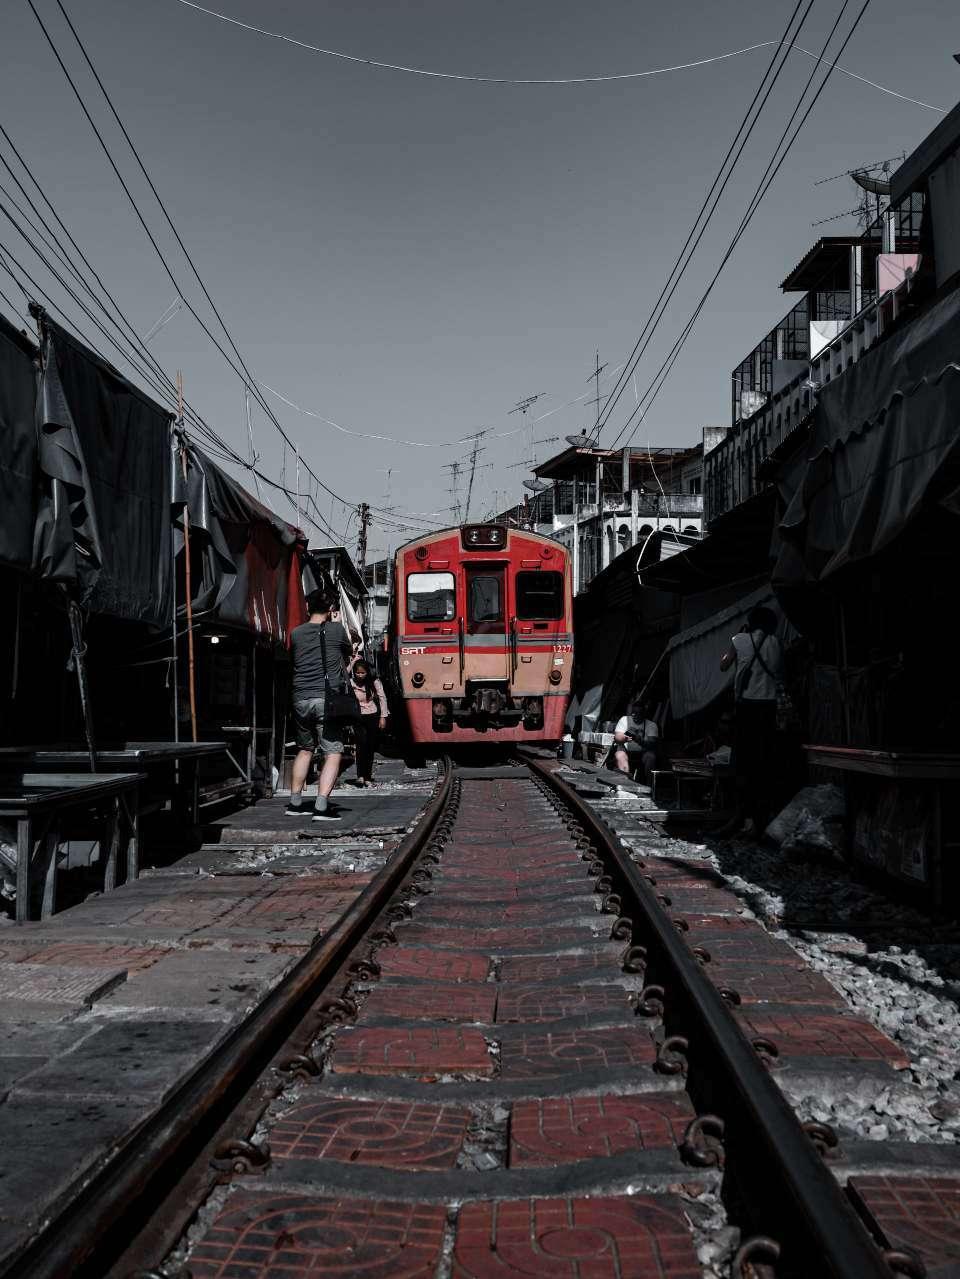 Train market in Samutsongkhrmk, Thailand